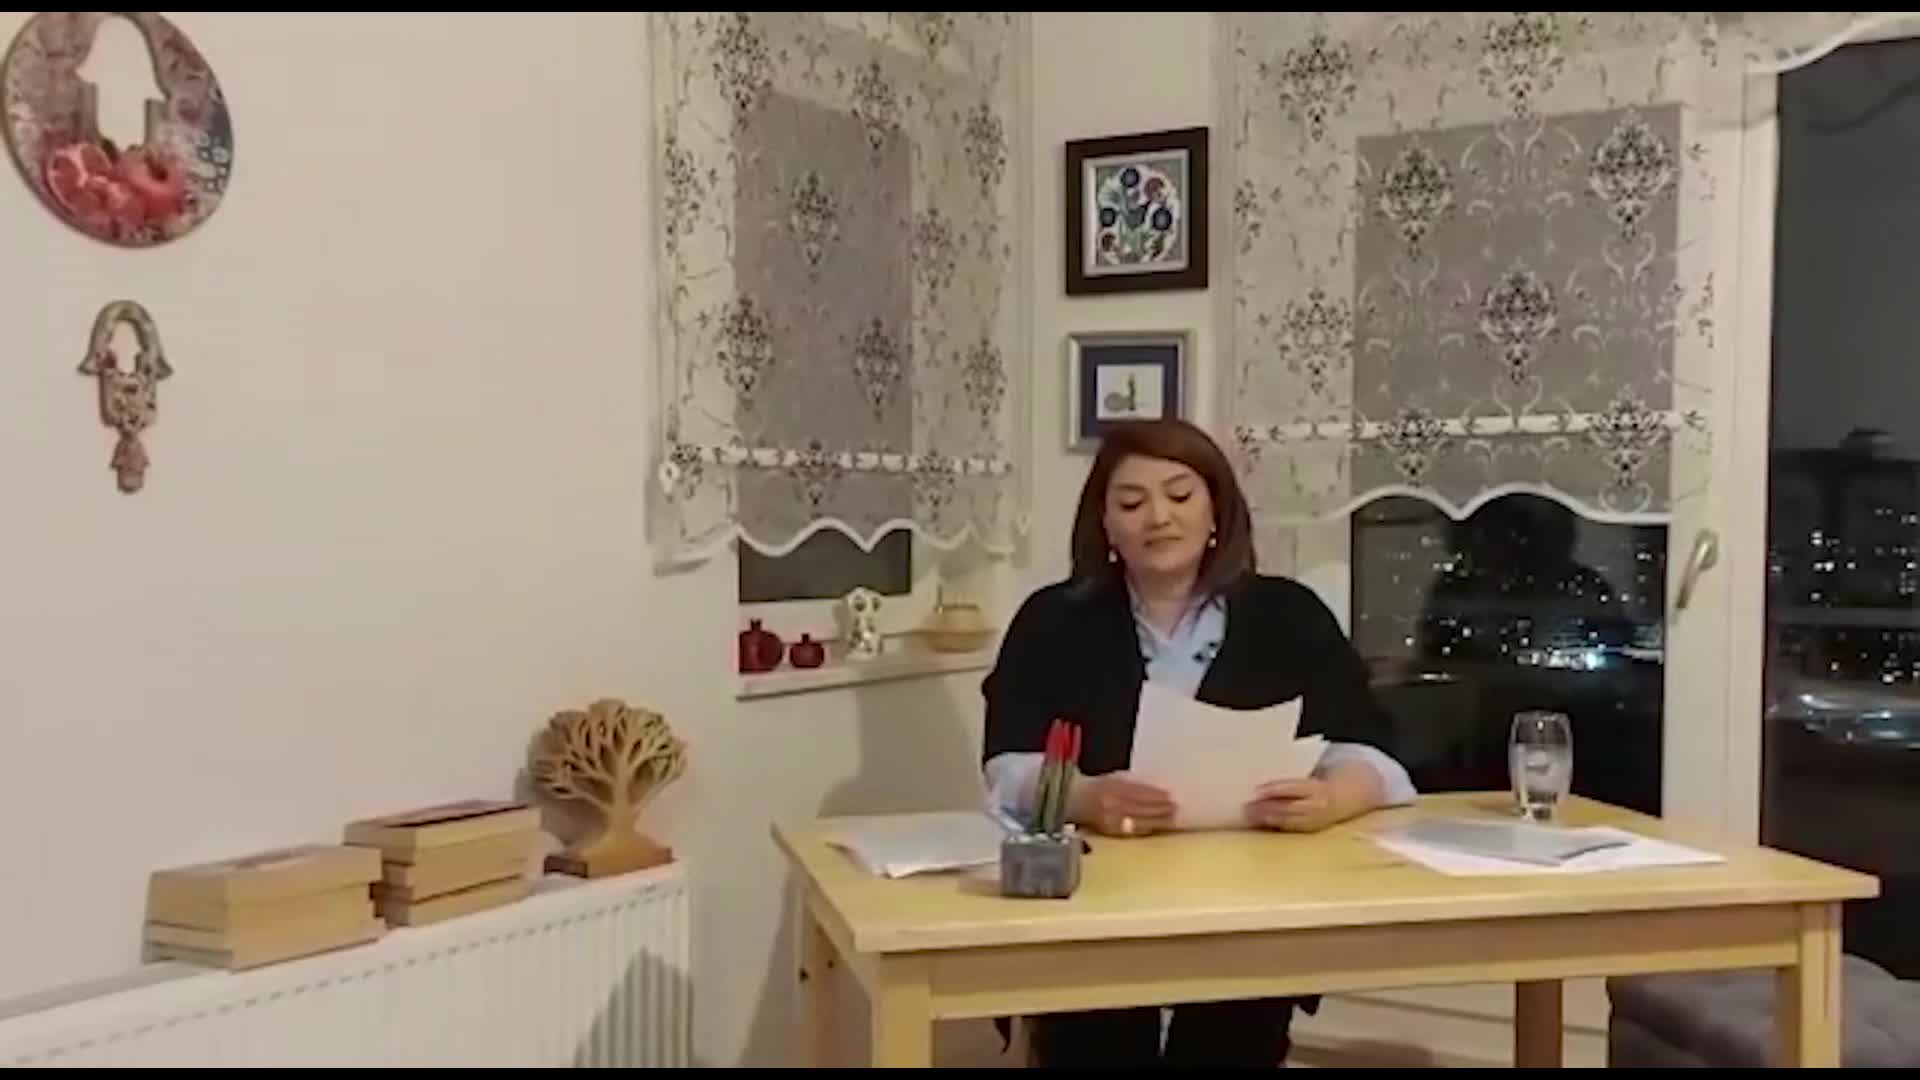 VİDEO | Belediyede 'Yolsuzluk var' diyen AKP'li meclis üyesi istifa etti!